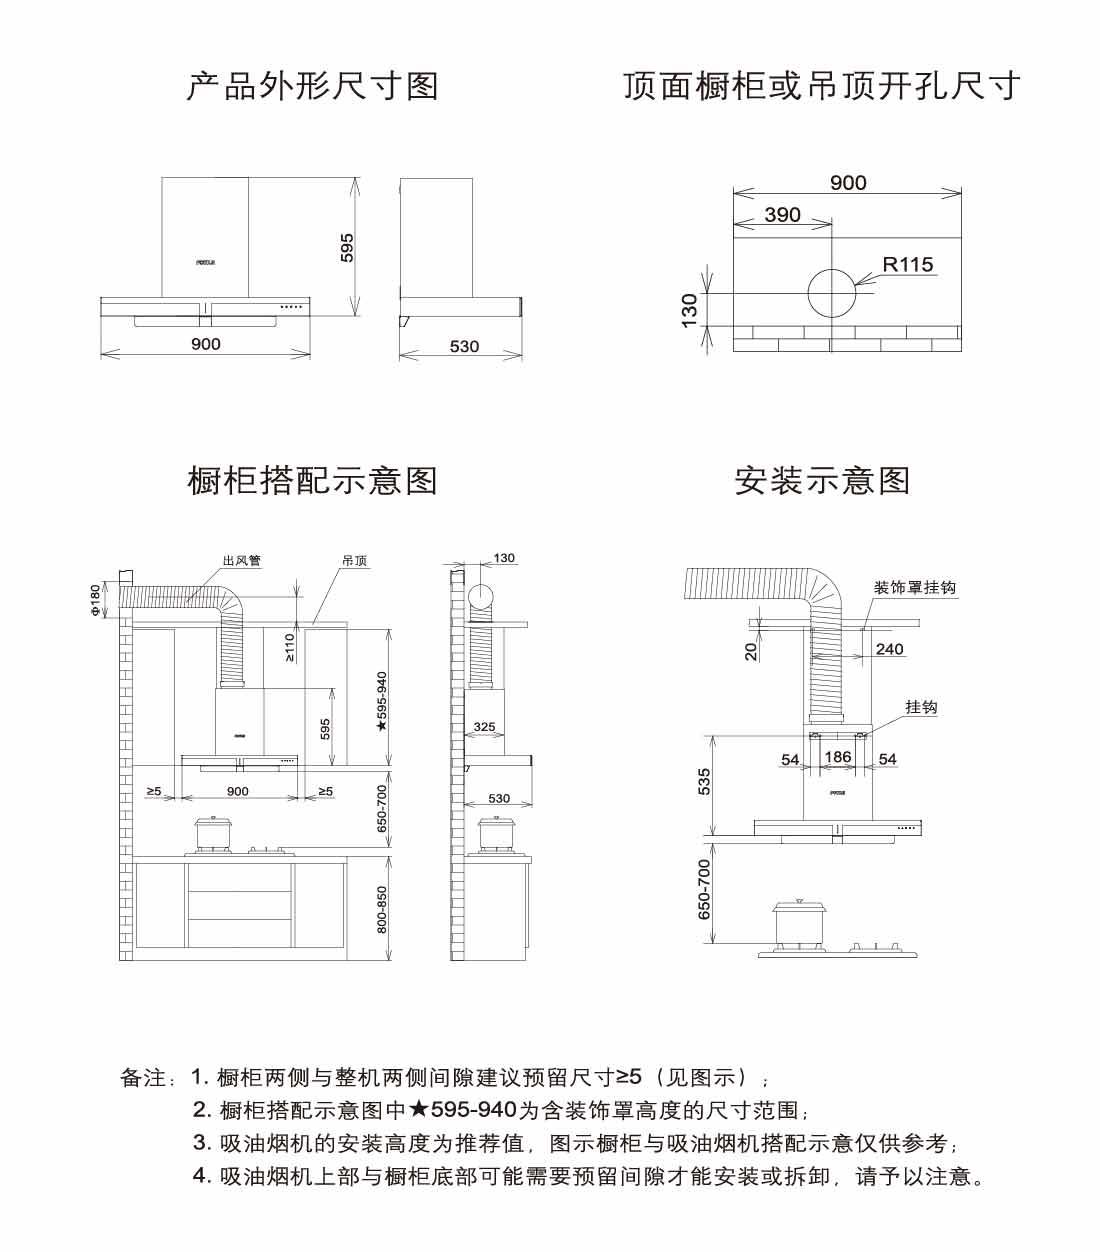 彩28彩票CXW-200-EM23TS.M装置表示图